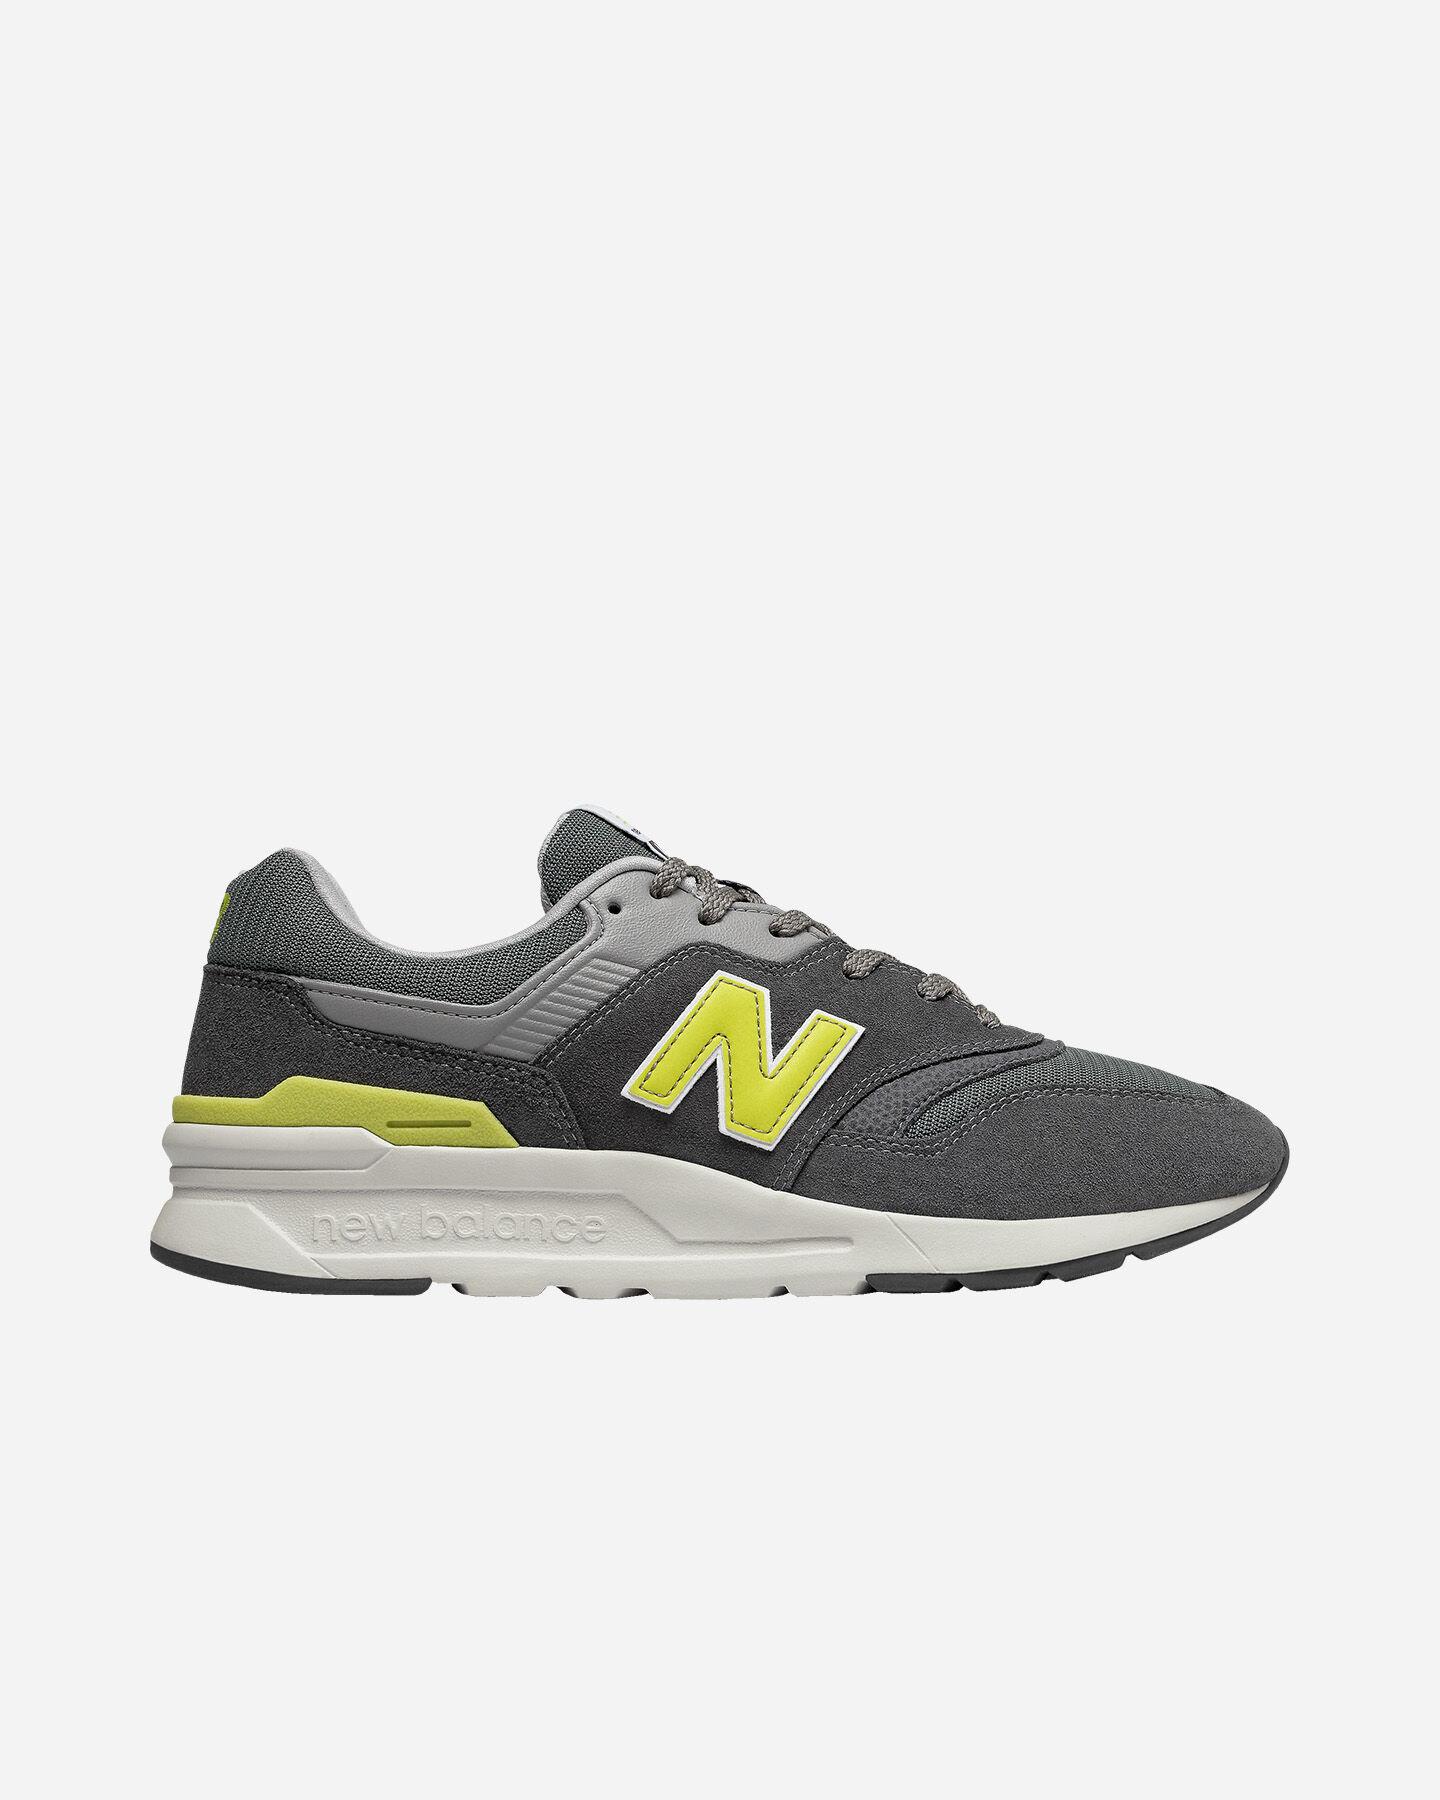 scarpe new balance negozi napoli